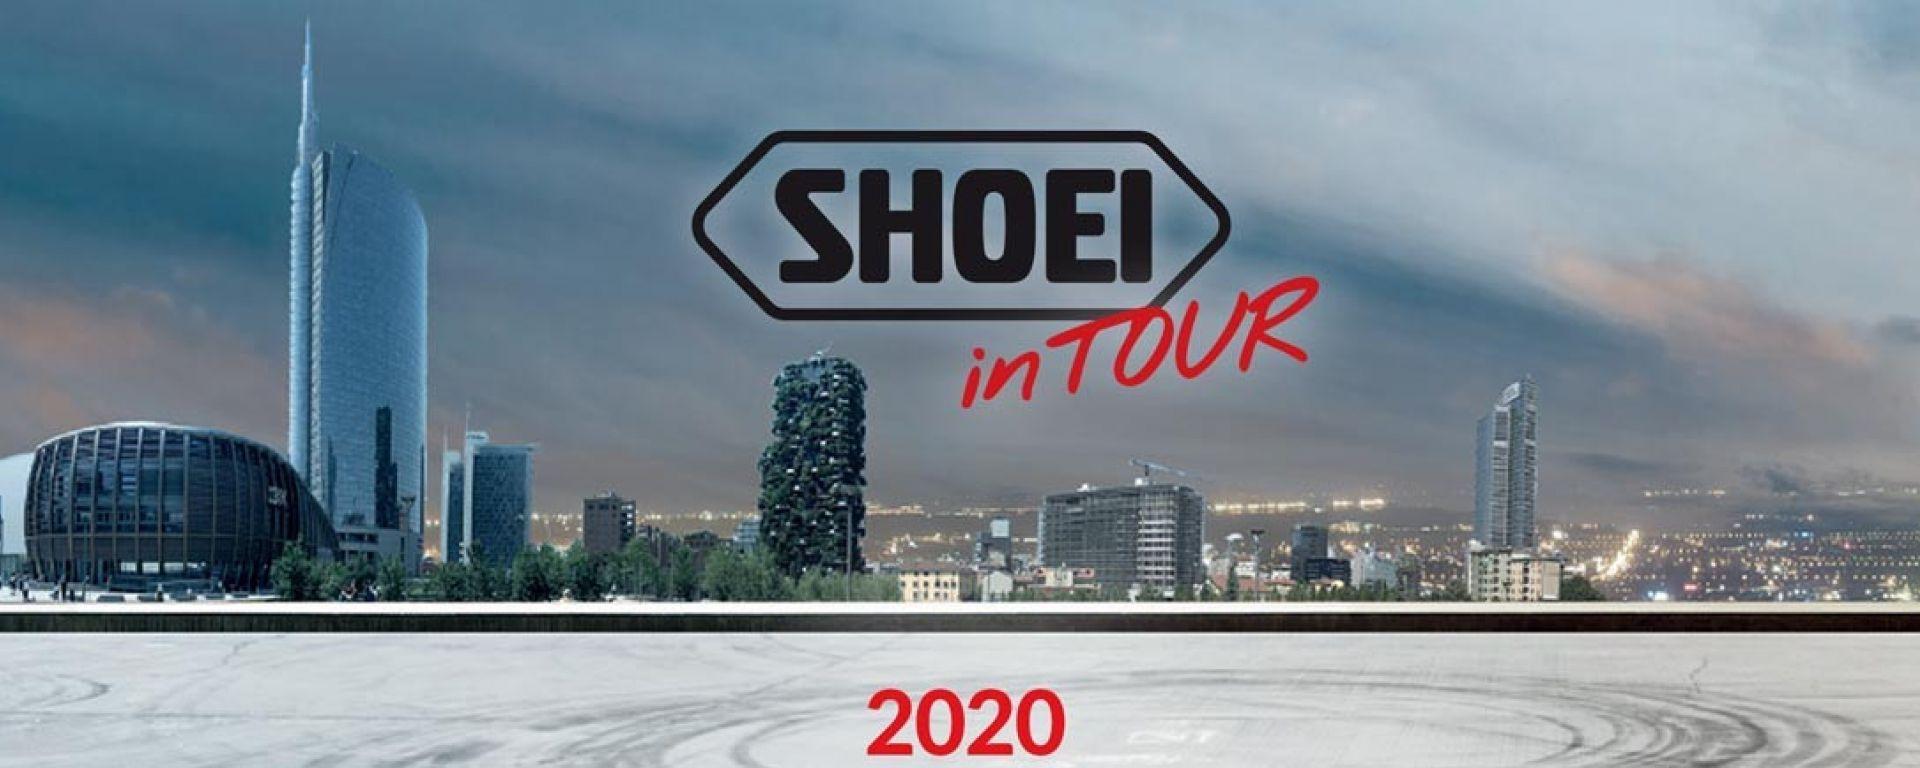 È iniziato Shoei in Tour 2020: ecco tutte le date